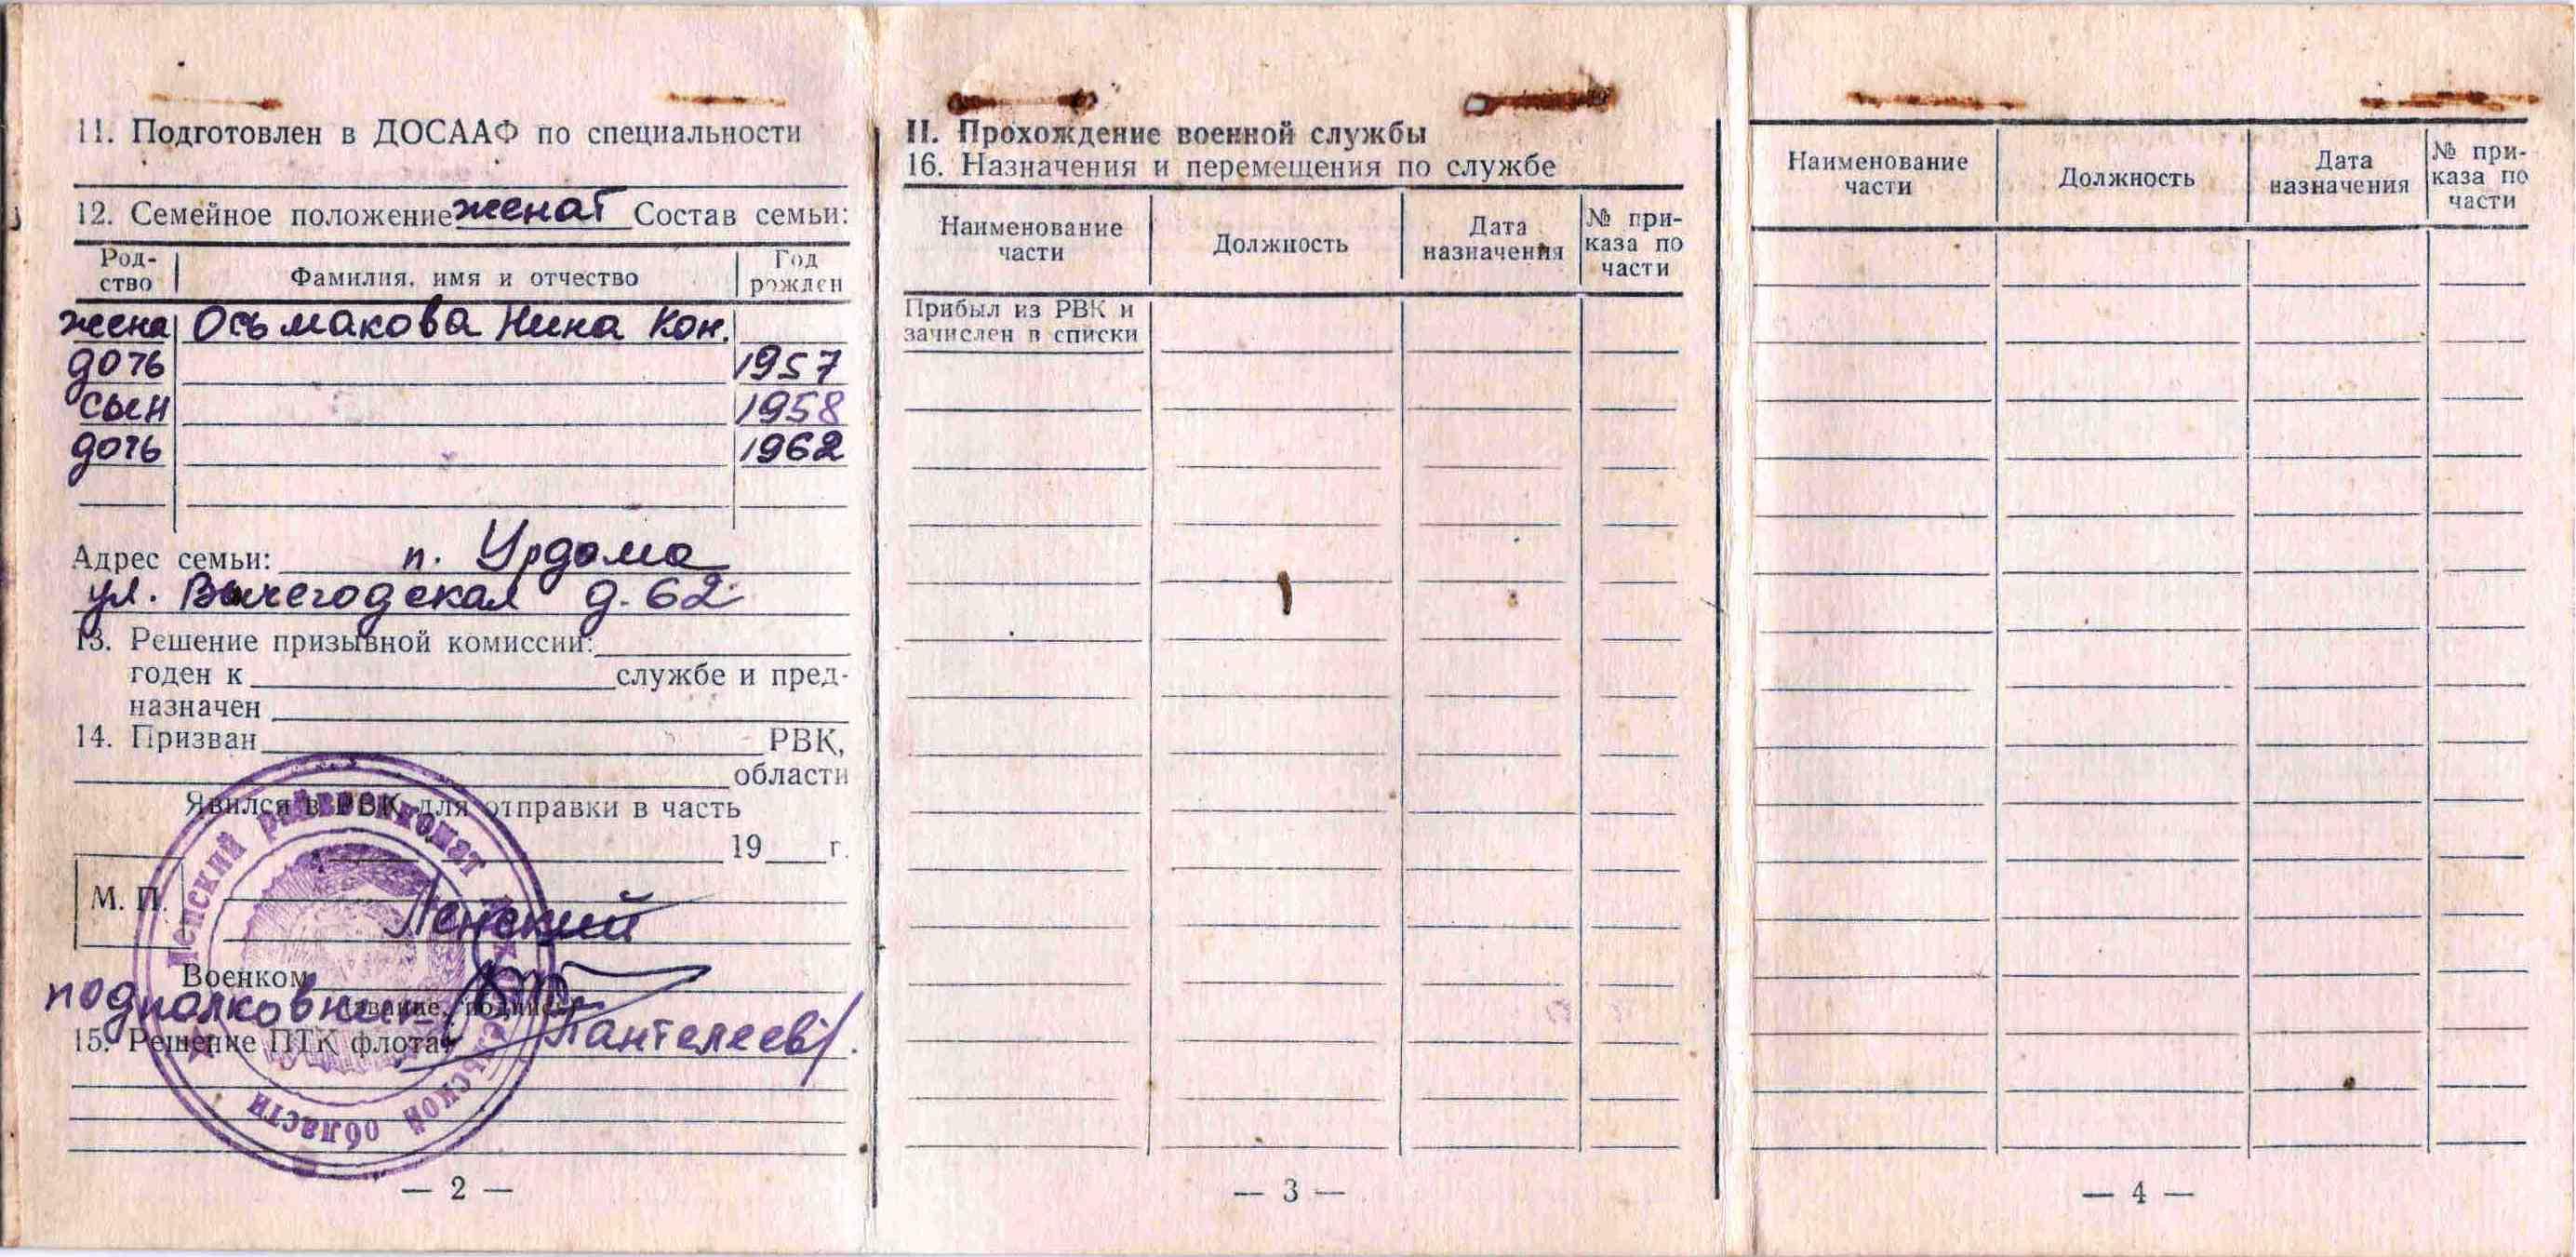 35. Учетно-послужная карточка к Военному билету, 1963 г.